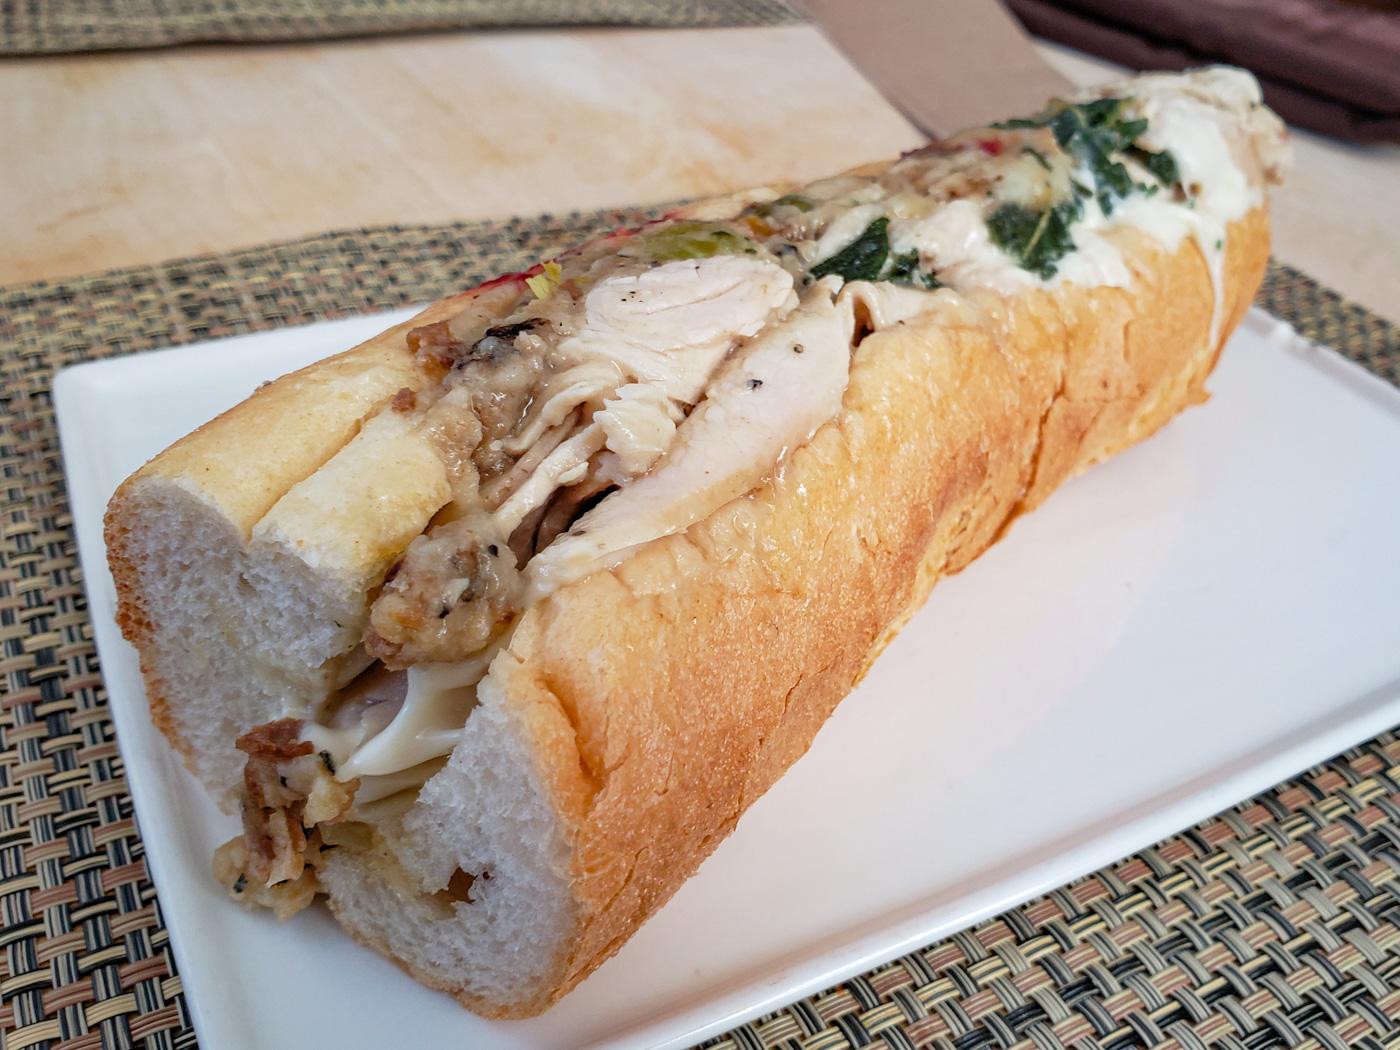 Hot Turk from Woodrow's Sandwich Shop